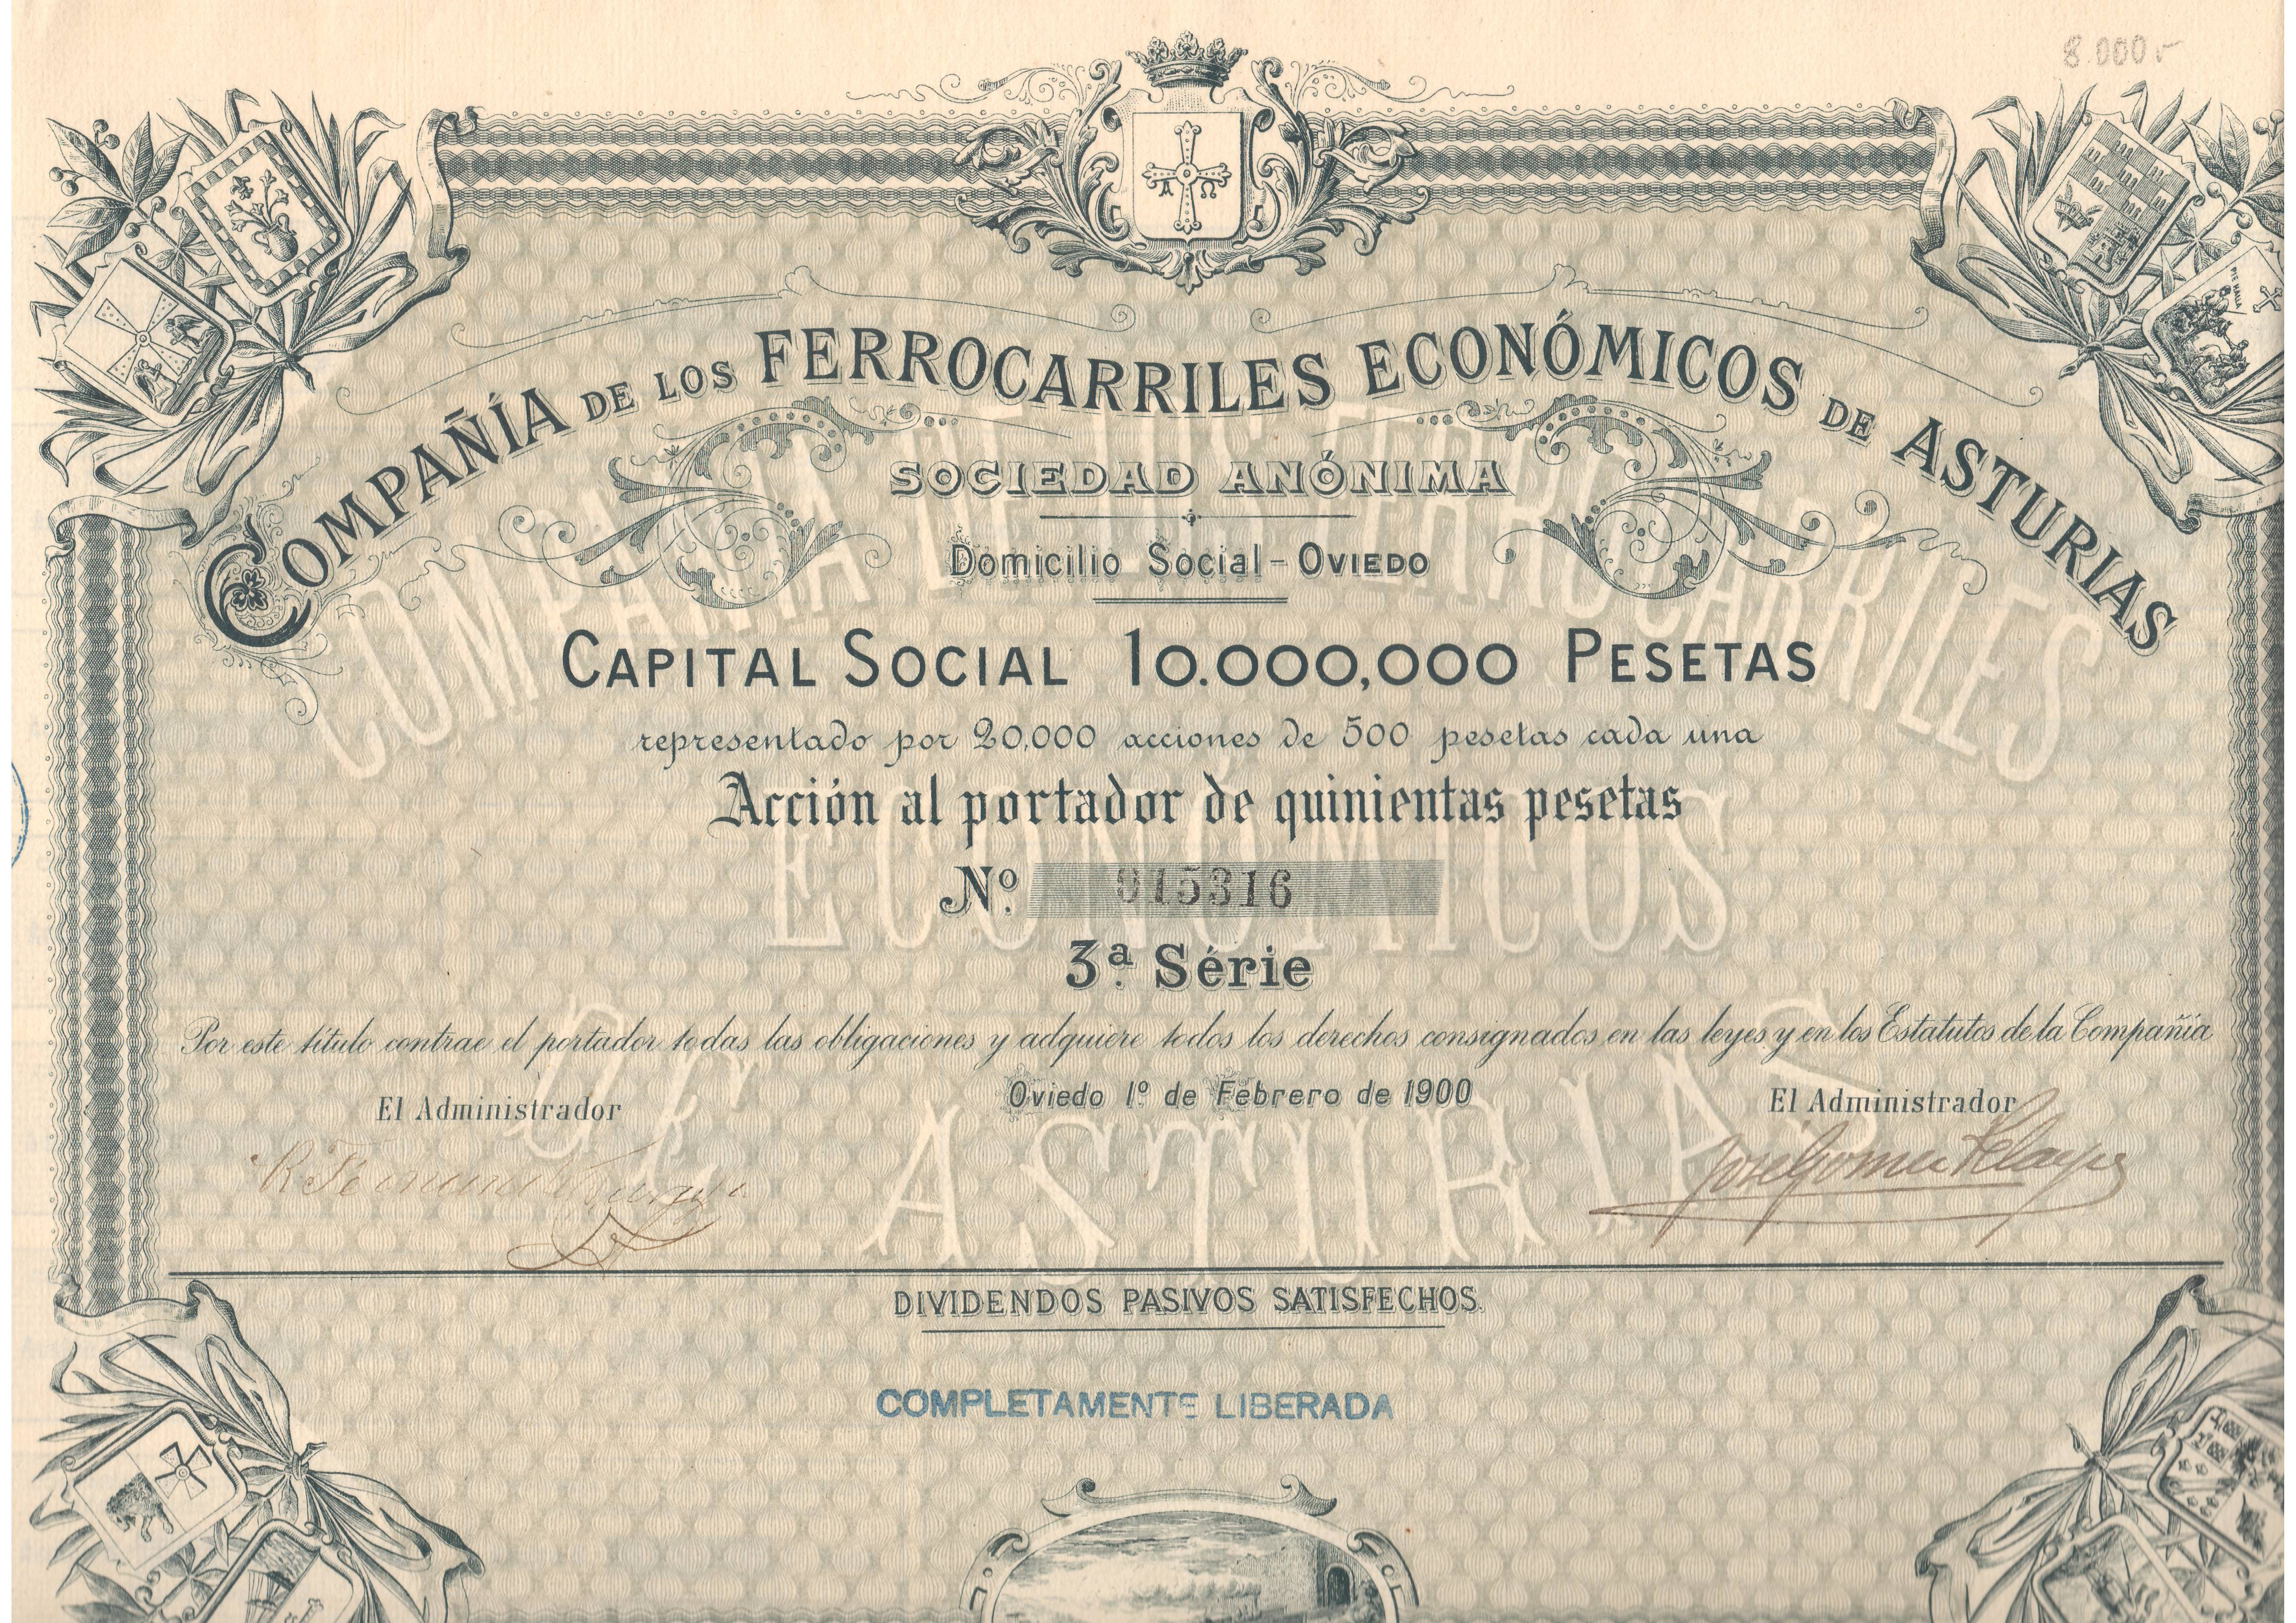 Compañía de los Ferrocarriles Económicos de Asturias